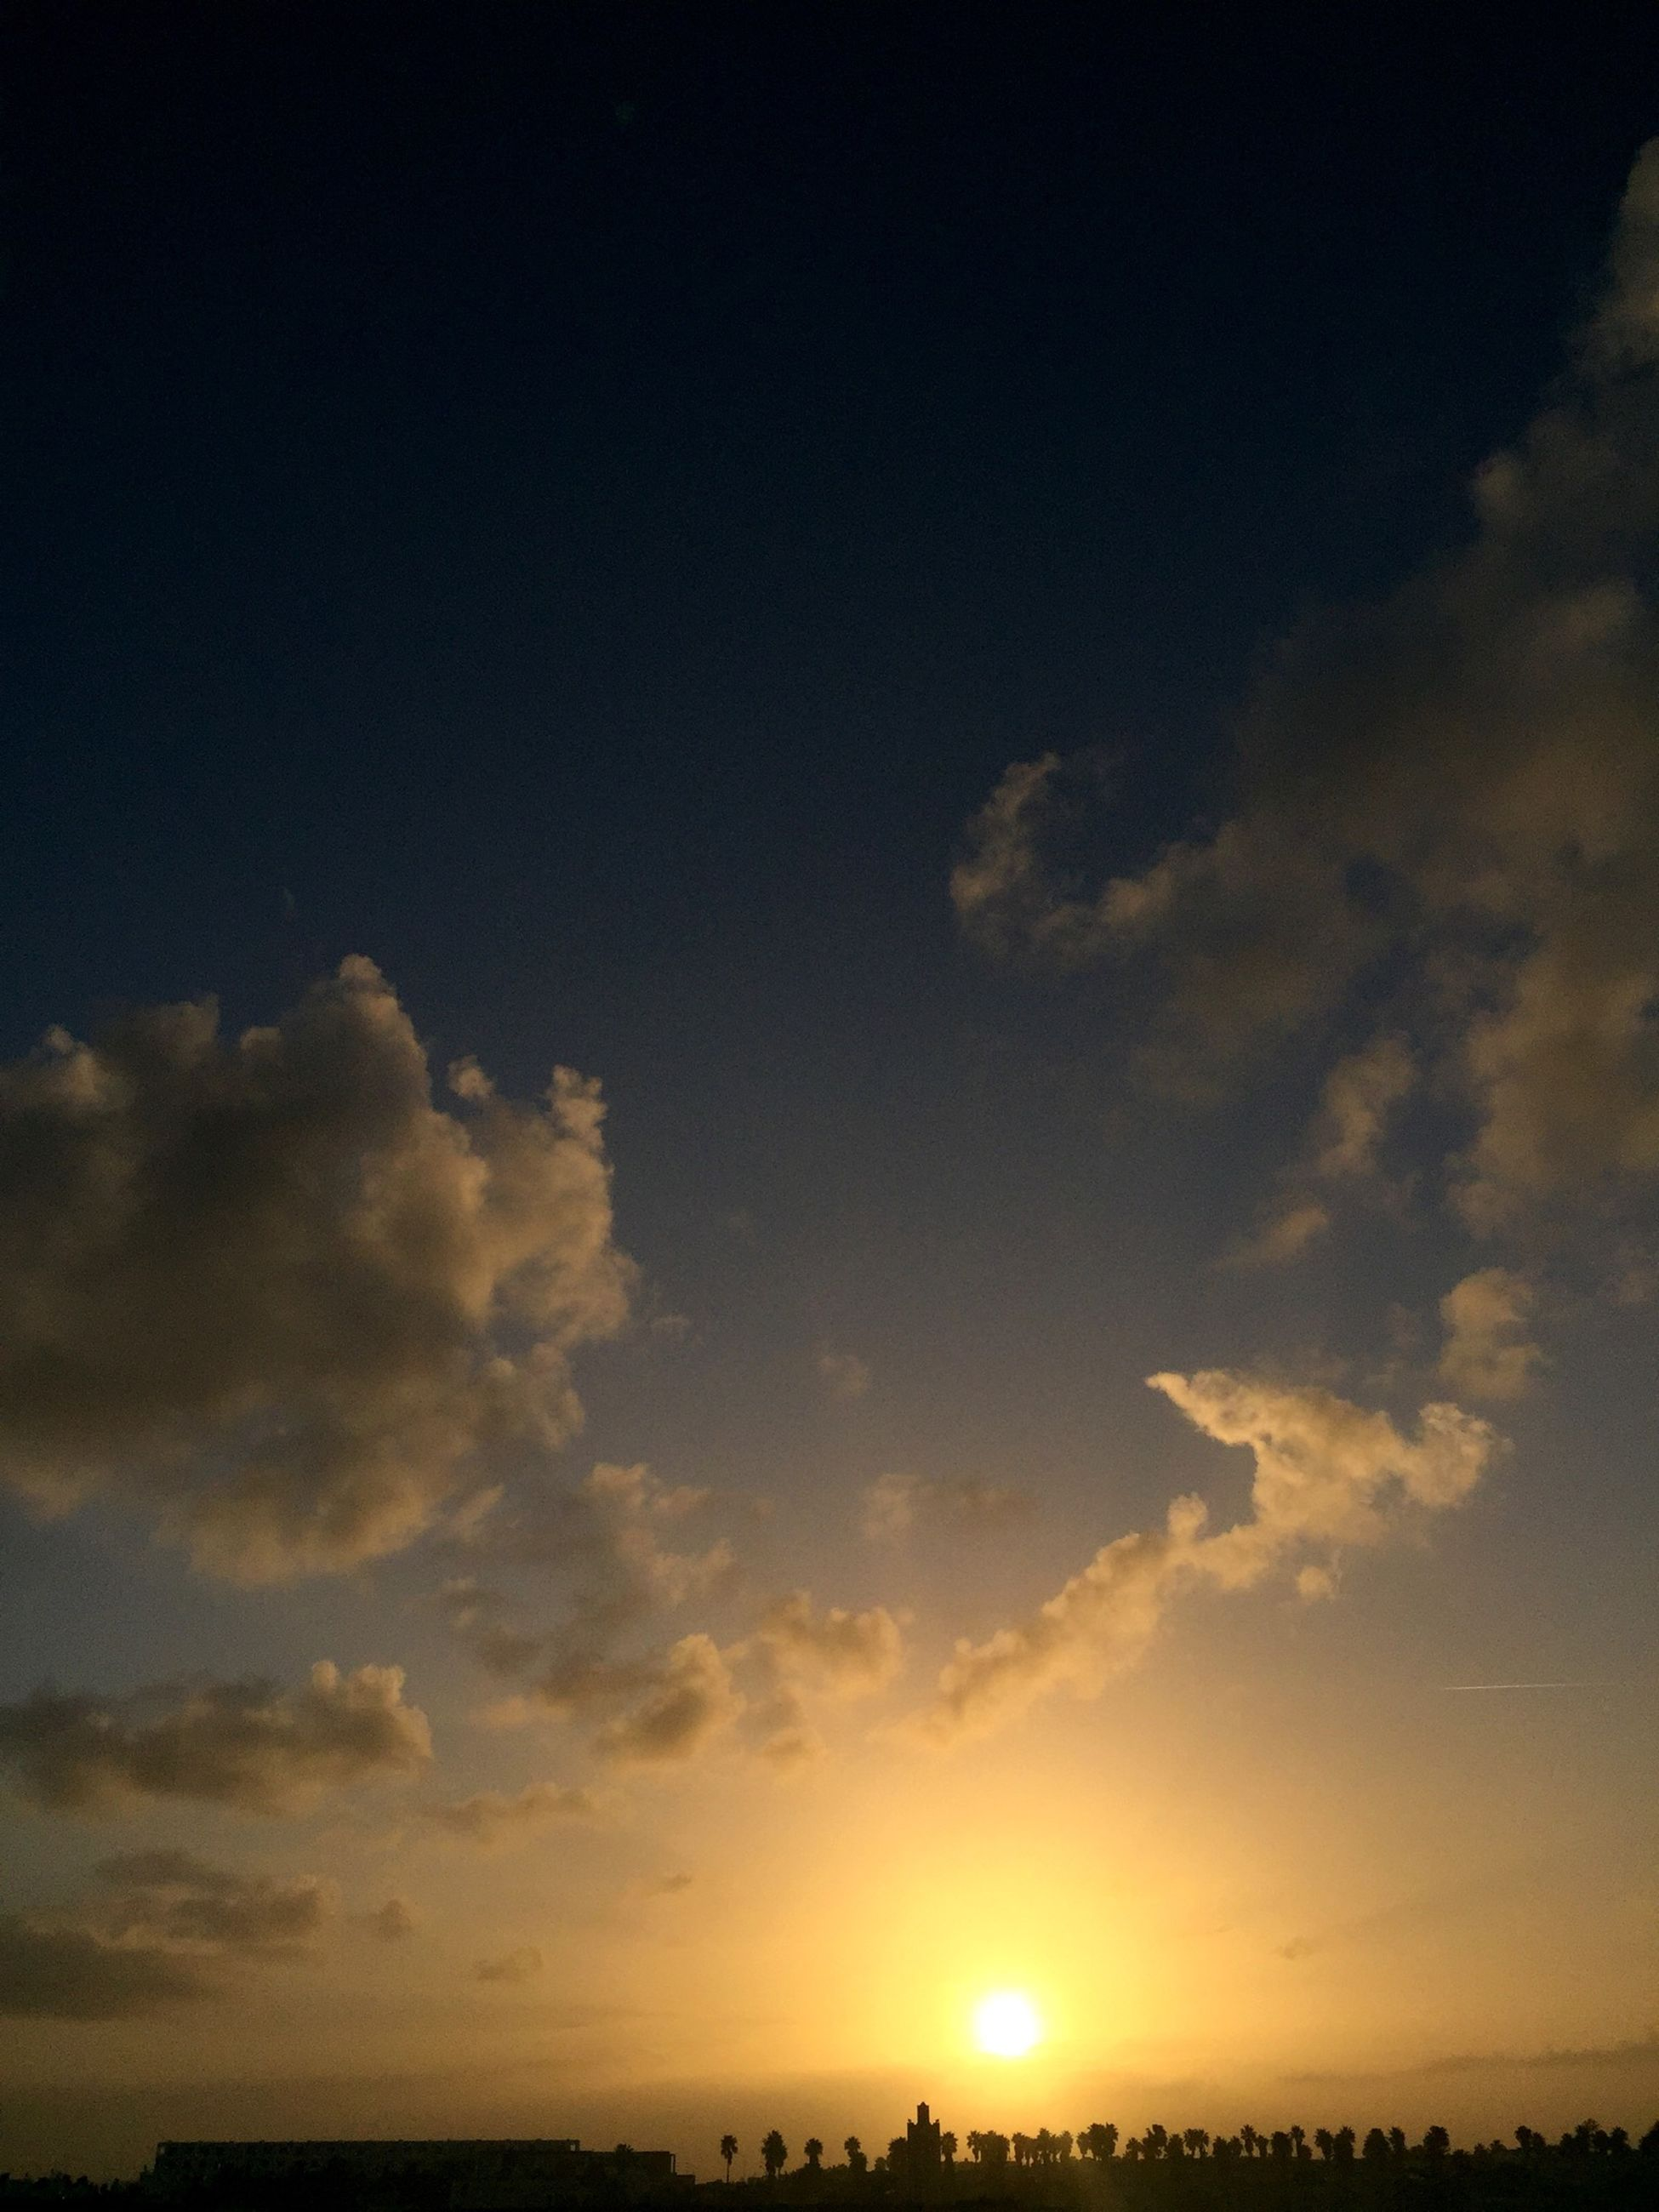 sunset, scenics, tranquil scene, sun, sky, silhouette, beauty in nature, tranquility, orange color, idyllic, nature, cloud - sky, sunlight, landscape, cloud, outdoors, sunbeam, dramatic sky, no people, majestic